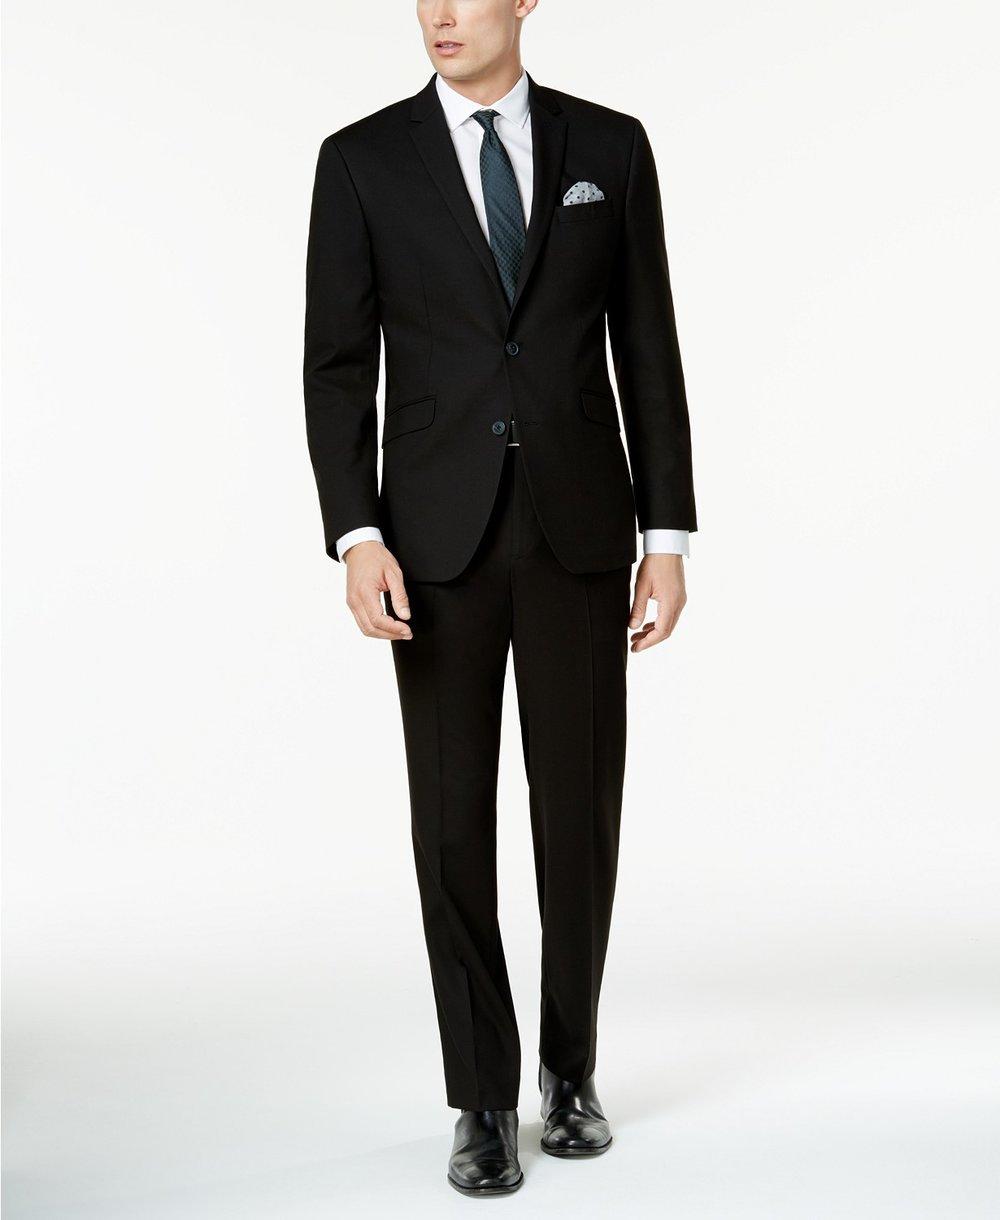 Men's Techni-Cole Solid Black Slim-Fit Suit, $395, Kenneth Cole Reaction,  Macy's